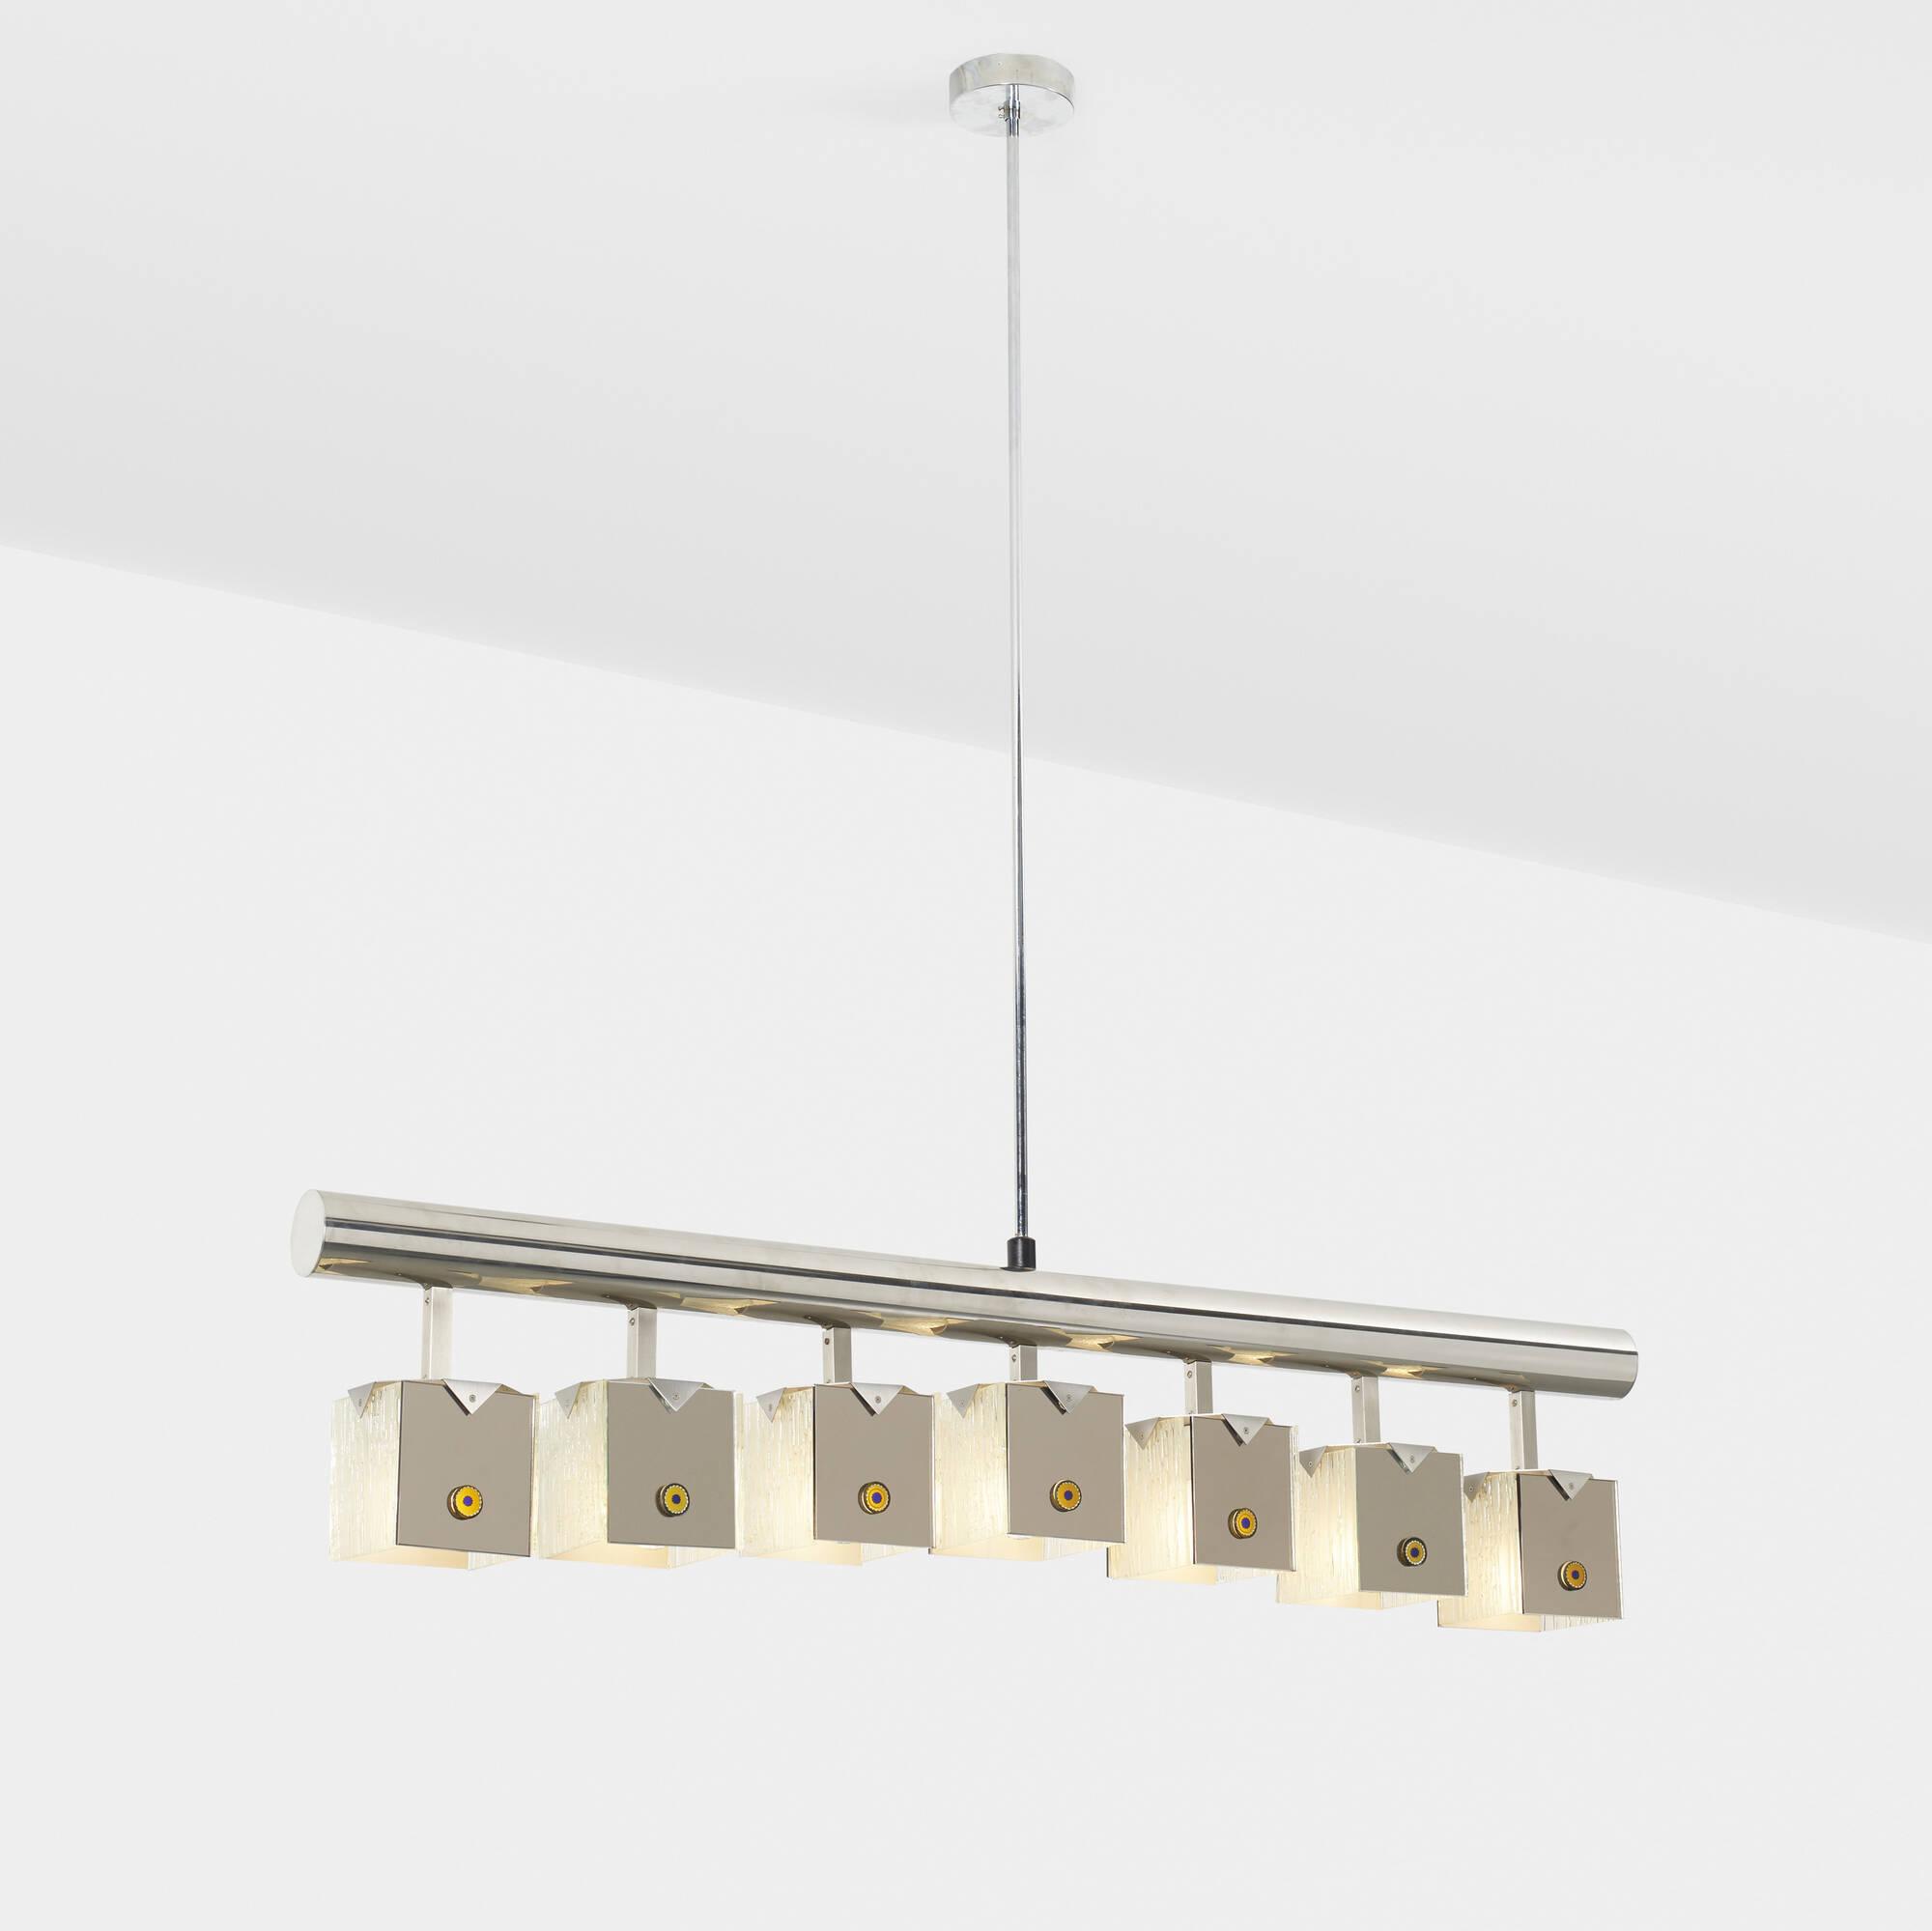 213: Angelo Lelii / Murrine ceiling lamp (1 of 1)